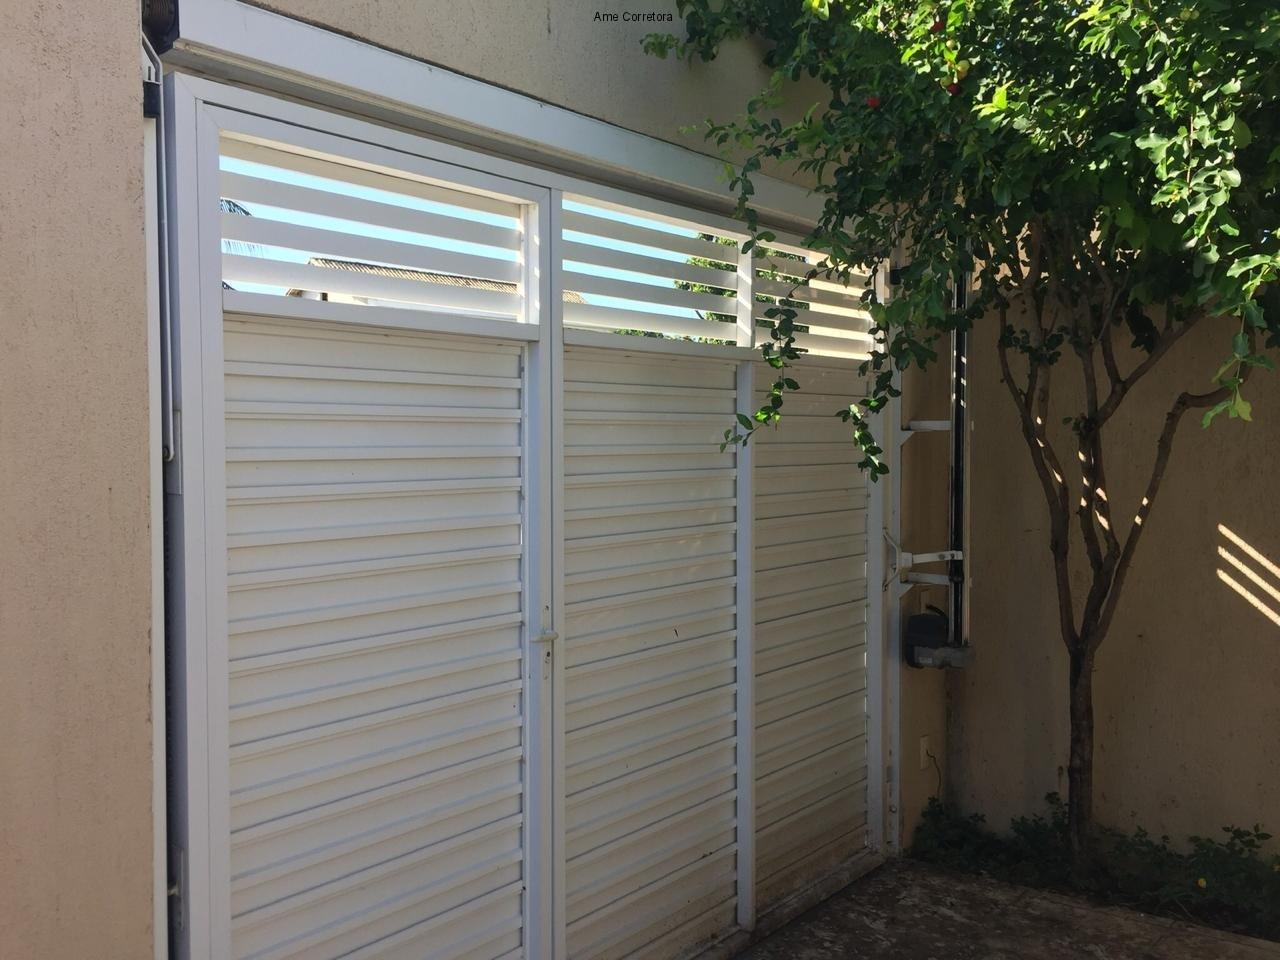 FOTO 03 - Terreno Residencial à venda Rio de Janeiro,RJ - R$ 267.000 - TE00038 - 4